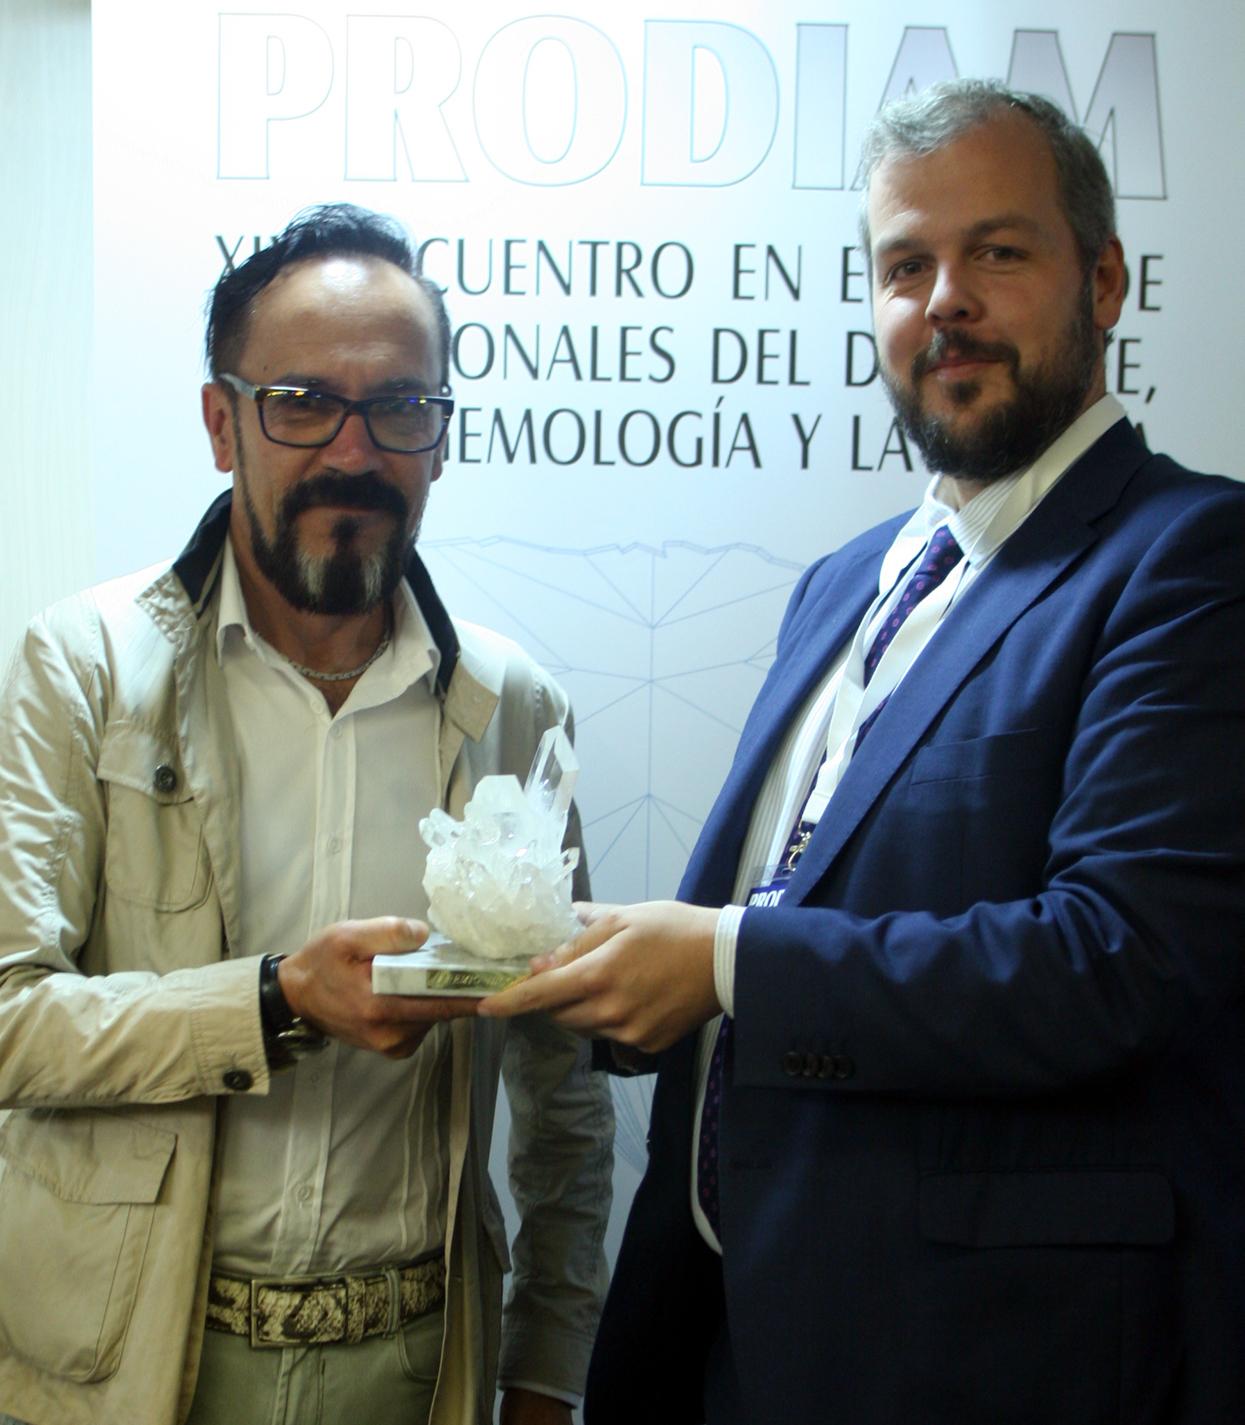 Subastas Durán recibe el premio José Nicolau